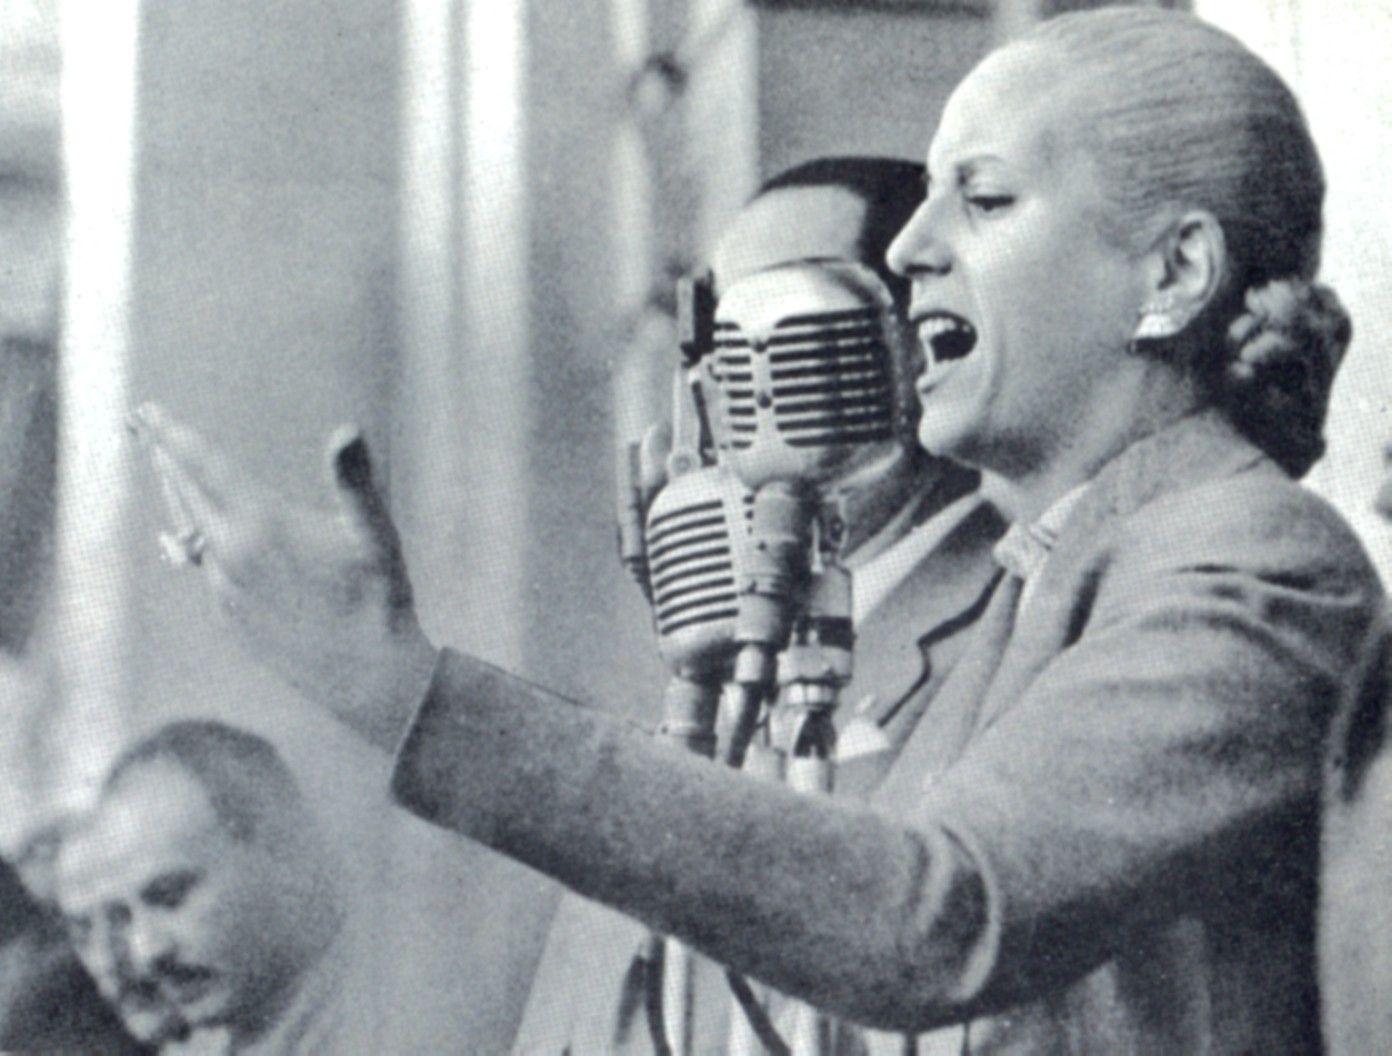 101 años de Evita, 101 frases combativas y amorosas para sacudir la historia